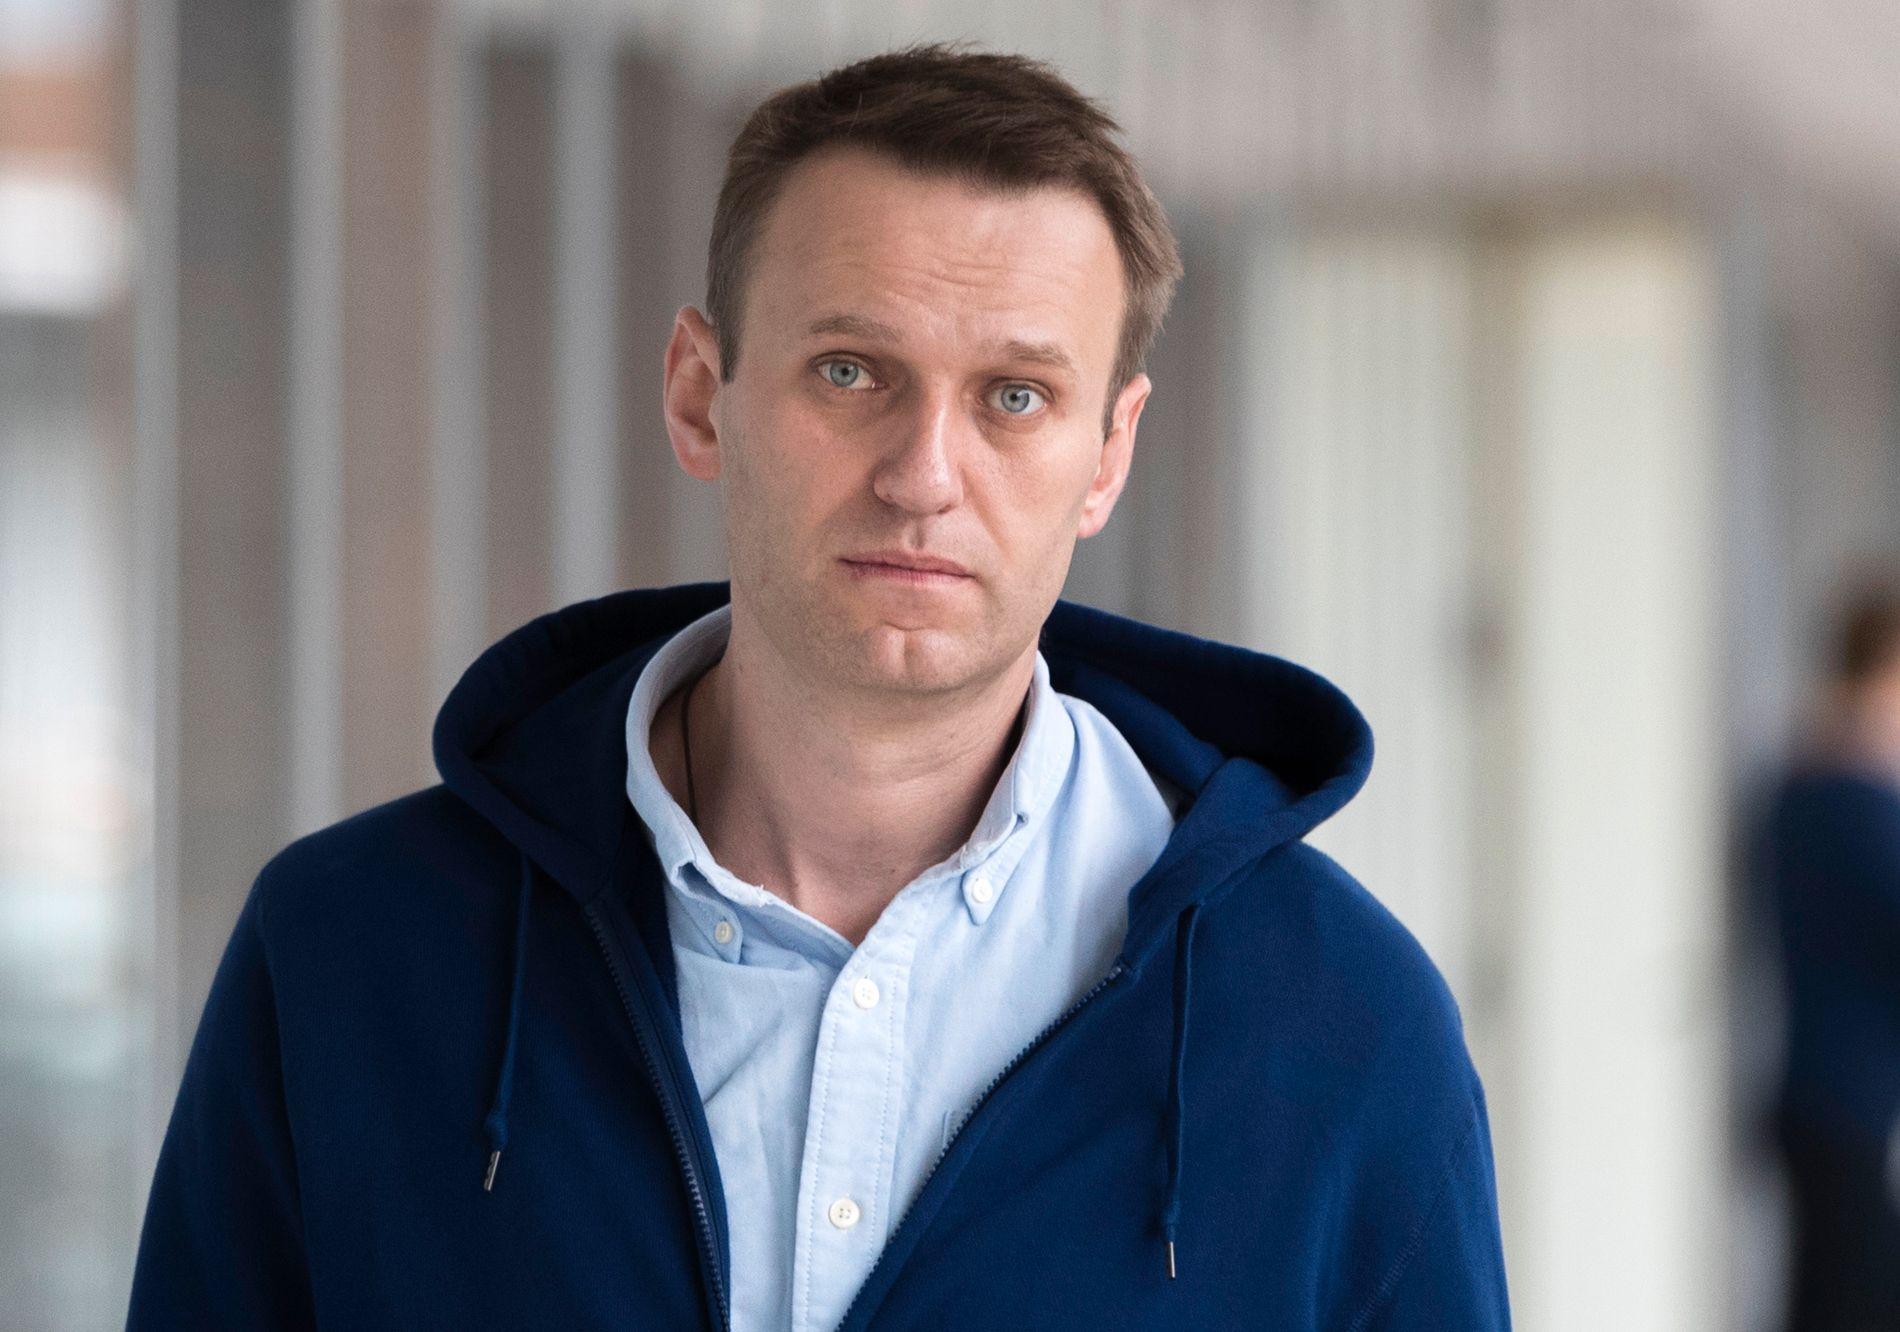 FRI MANN: Alexej Navalny la ut en video på sin Instagram-konto tidlig fredag der han sa det kom politimenn hjem til ham og ba ham bli med til en politistasjon.